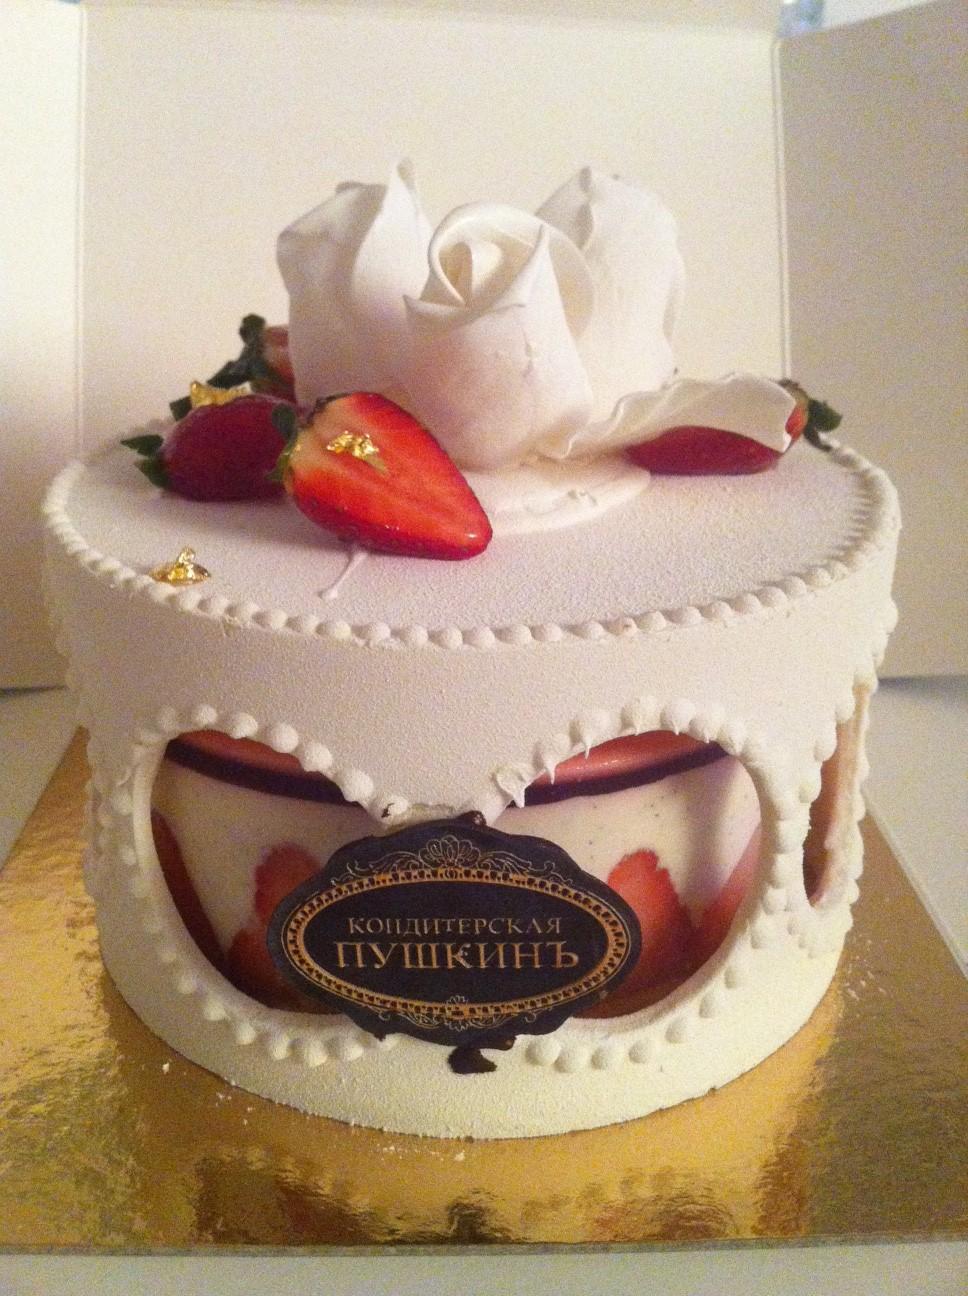 gateau anniversaire cafe pouchkine